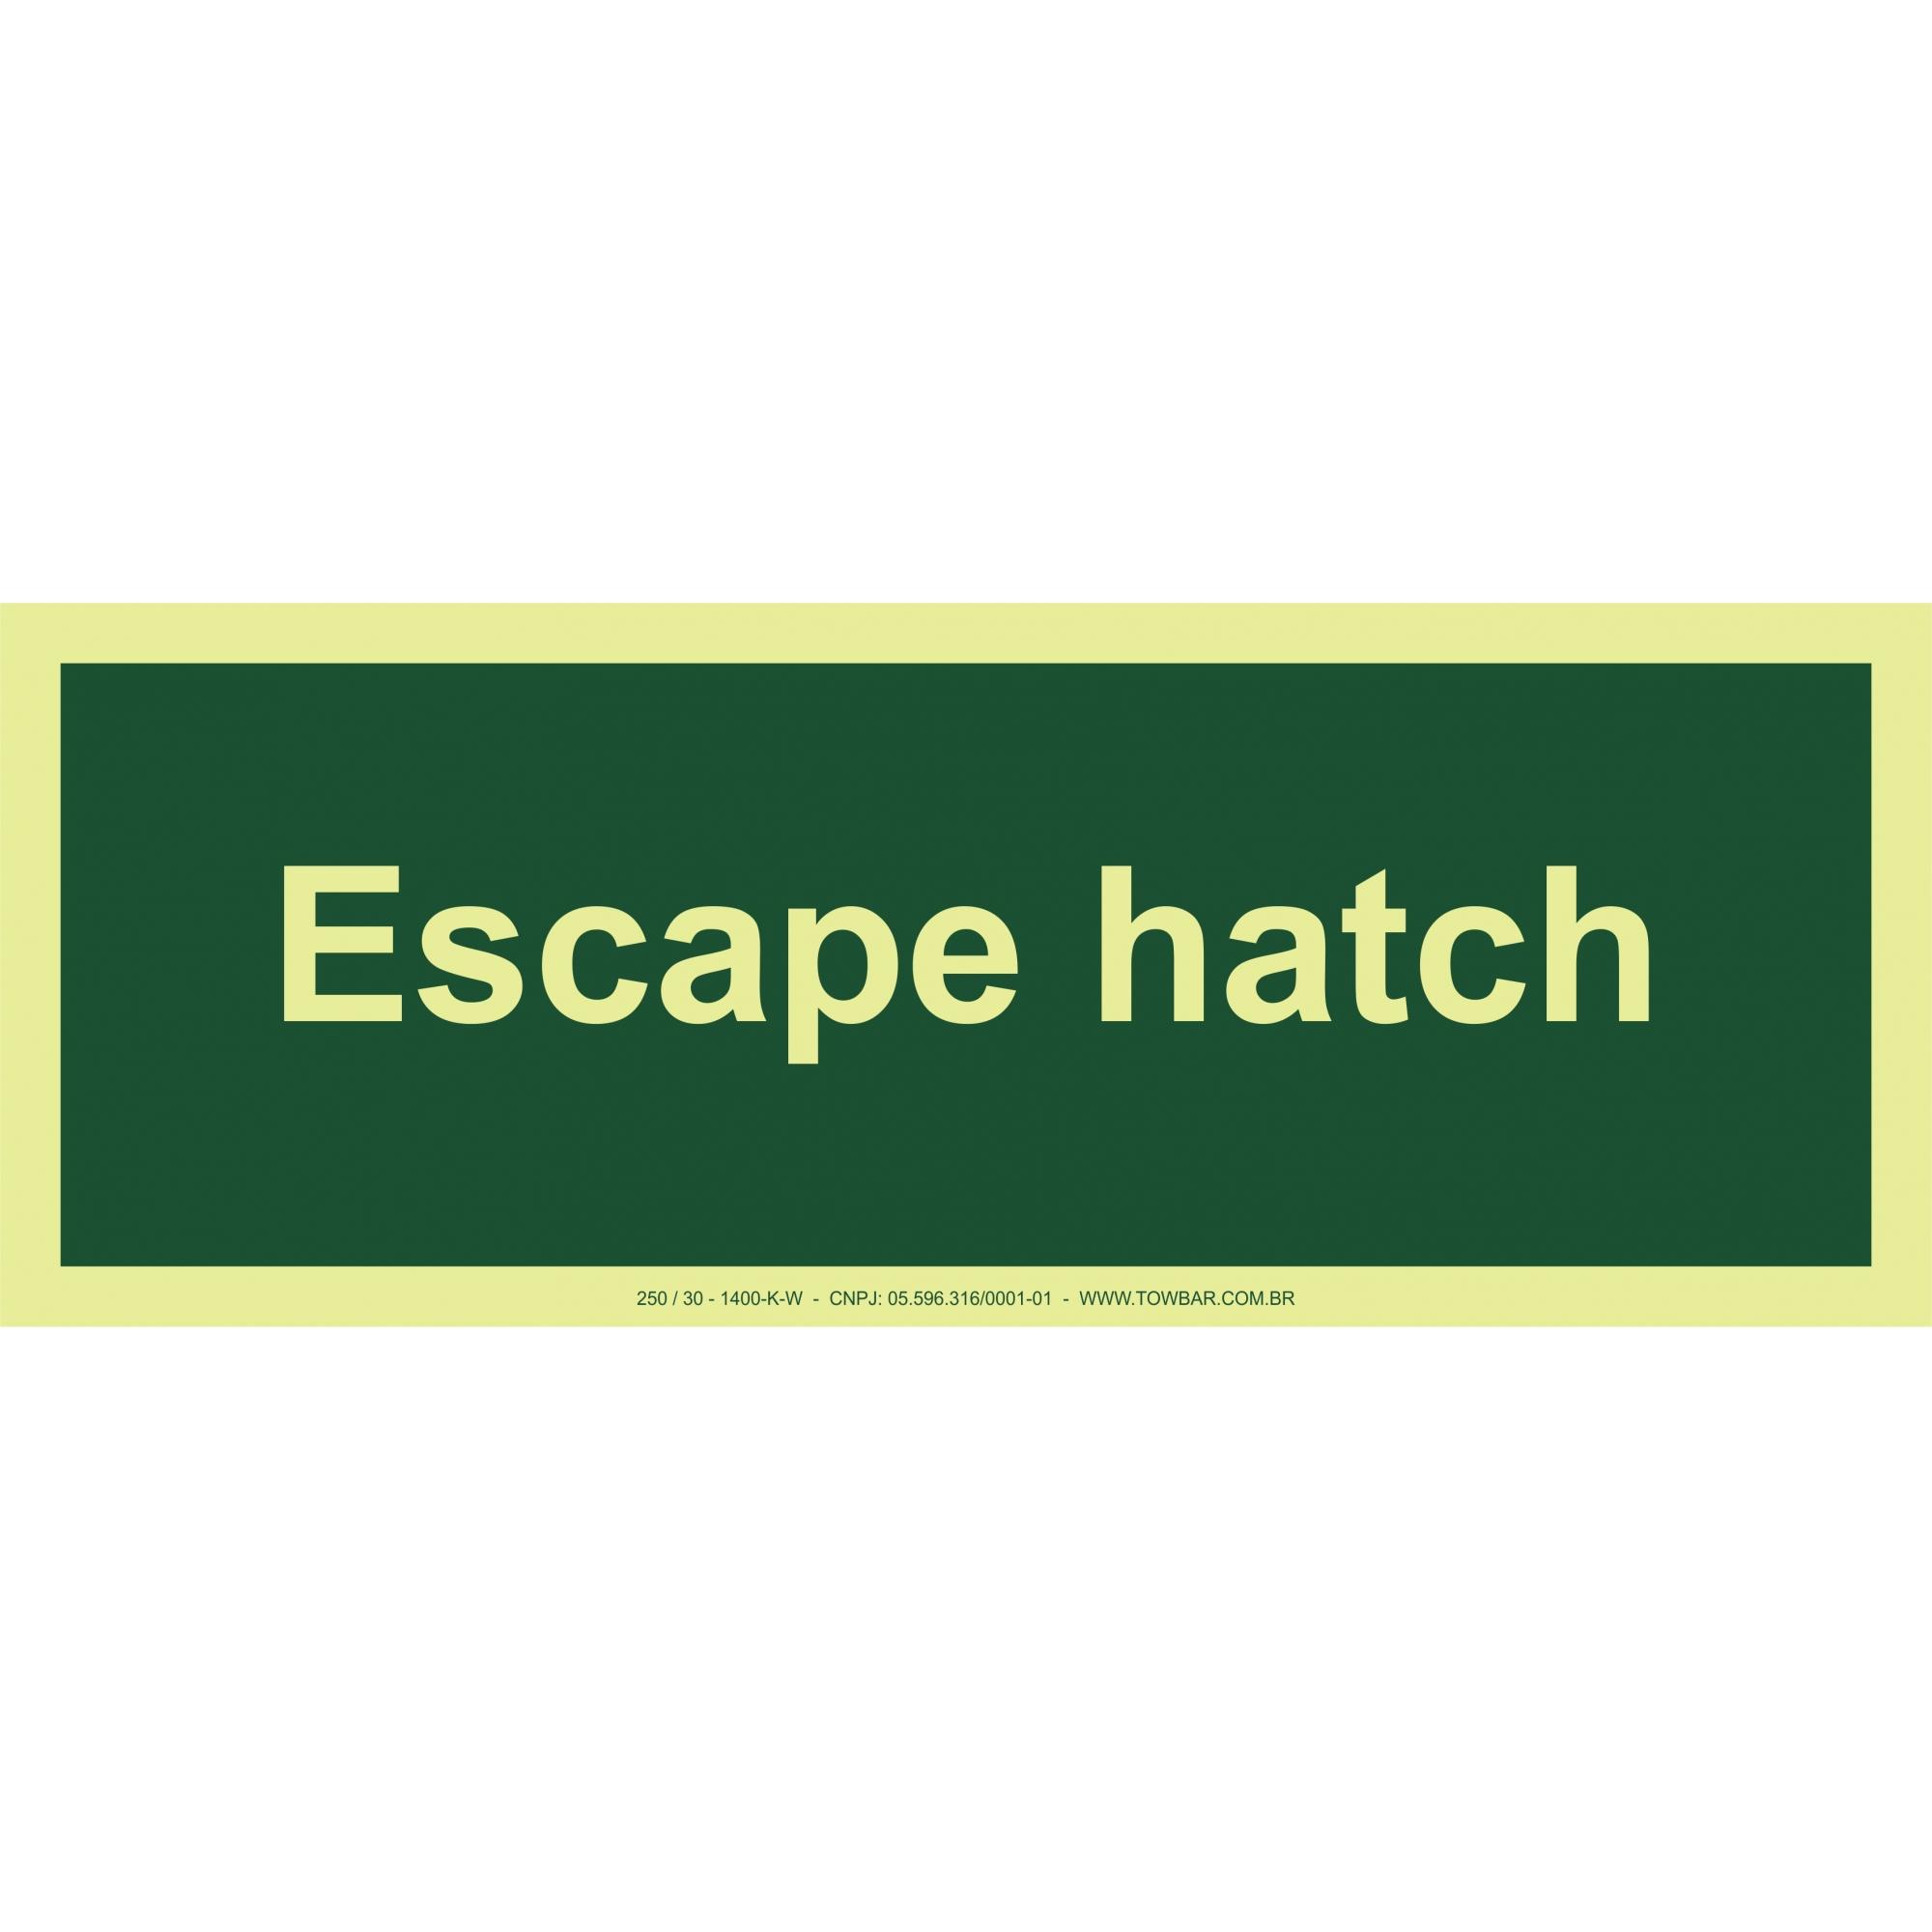 Escape Hatch  - Towbar Sinalização de Segurança